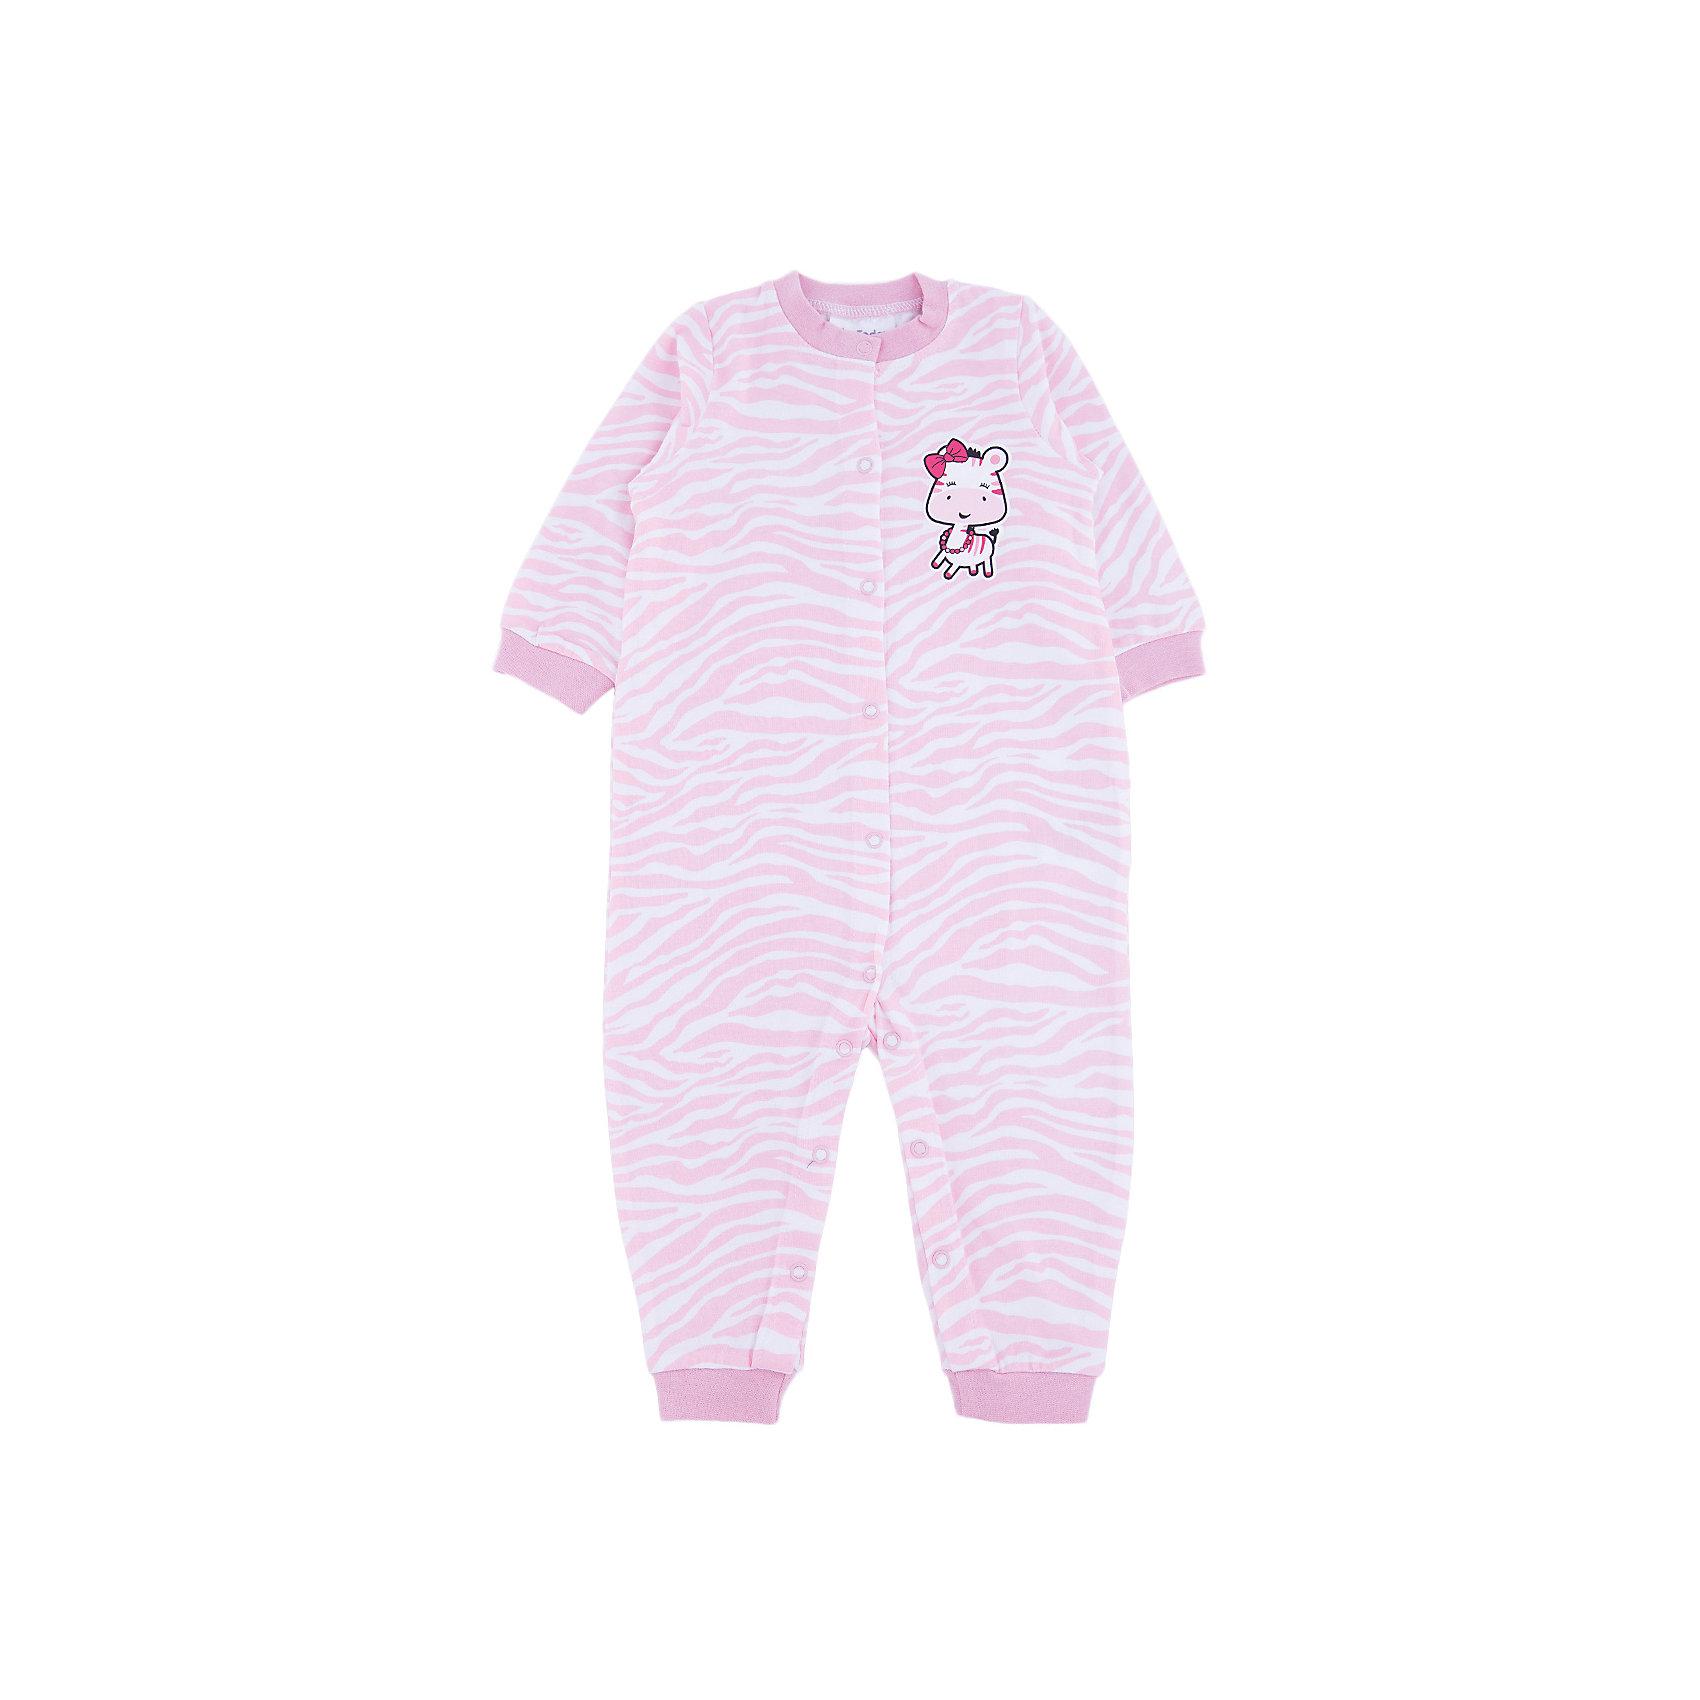 Пижама для девочки PlayTodayПижамы<br>Характеристики товара:<br><br>• цвет: розовый<br>• состав: 95% хлопок, 5% эластан<br>• кнопки для удобства одевания<br>• качественный материал<br>• манжеты на мягких резинках<br>• длинные рукава<br>• дышащий трикотаж<br>• комфортная посадка<br>• коллекция: весна-лето 2017<br>• страна бренда: Германия<br>• страна производства: Китай<br><br>Популярный бренд PlayToday выпустил новую коллекцию! Вещи из неё продолжают радовать покупателей удобством, стильным дизайном и продуманным кроем. Дети носят их с удовольствием. PlayToday - это линейка товаров, созданная специально для детей. Дизайнеры учитывают новые веяния моды и потребности детей. Порадуйте ребенка обновкой от проверенного производителя!<br>Эта модель обеспечит ребенку комфорт благодаря качественному материалу и удобному крою. Отличный вариант домашней одежды - она не трет и давит, не ограничивает свободу движений! Выглядит стильно и аккуратно.<br><br>Пижаму для девочки от известного бренда Scool можно купить в нашем интернет-магазине.<br><br>Ширина мм: 281<br>Глубина мм: 70<br>Высота мм: 188<br>Вес г: 295<br>Цвет: белый<br>Возраст от месяцев: 6<br>Возраст до месяцев: 9<br>Пол: Женский<br>Возраст: Детский<br>Размер: 74,92,80,86<br>SKU: 5408200